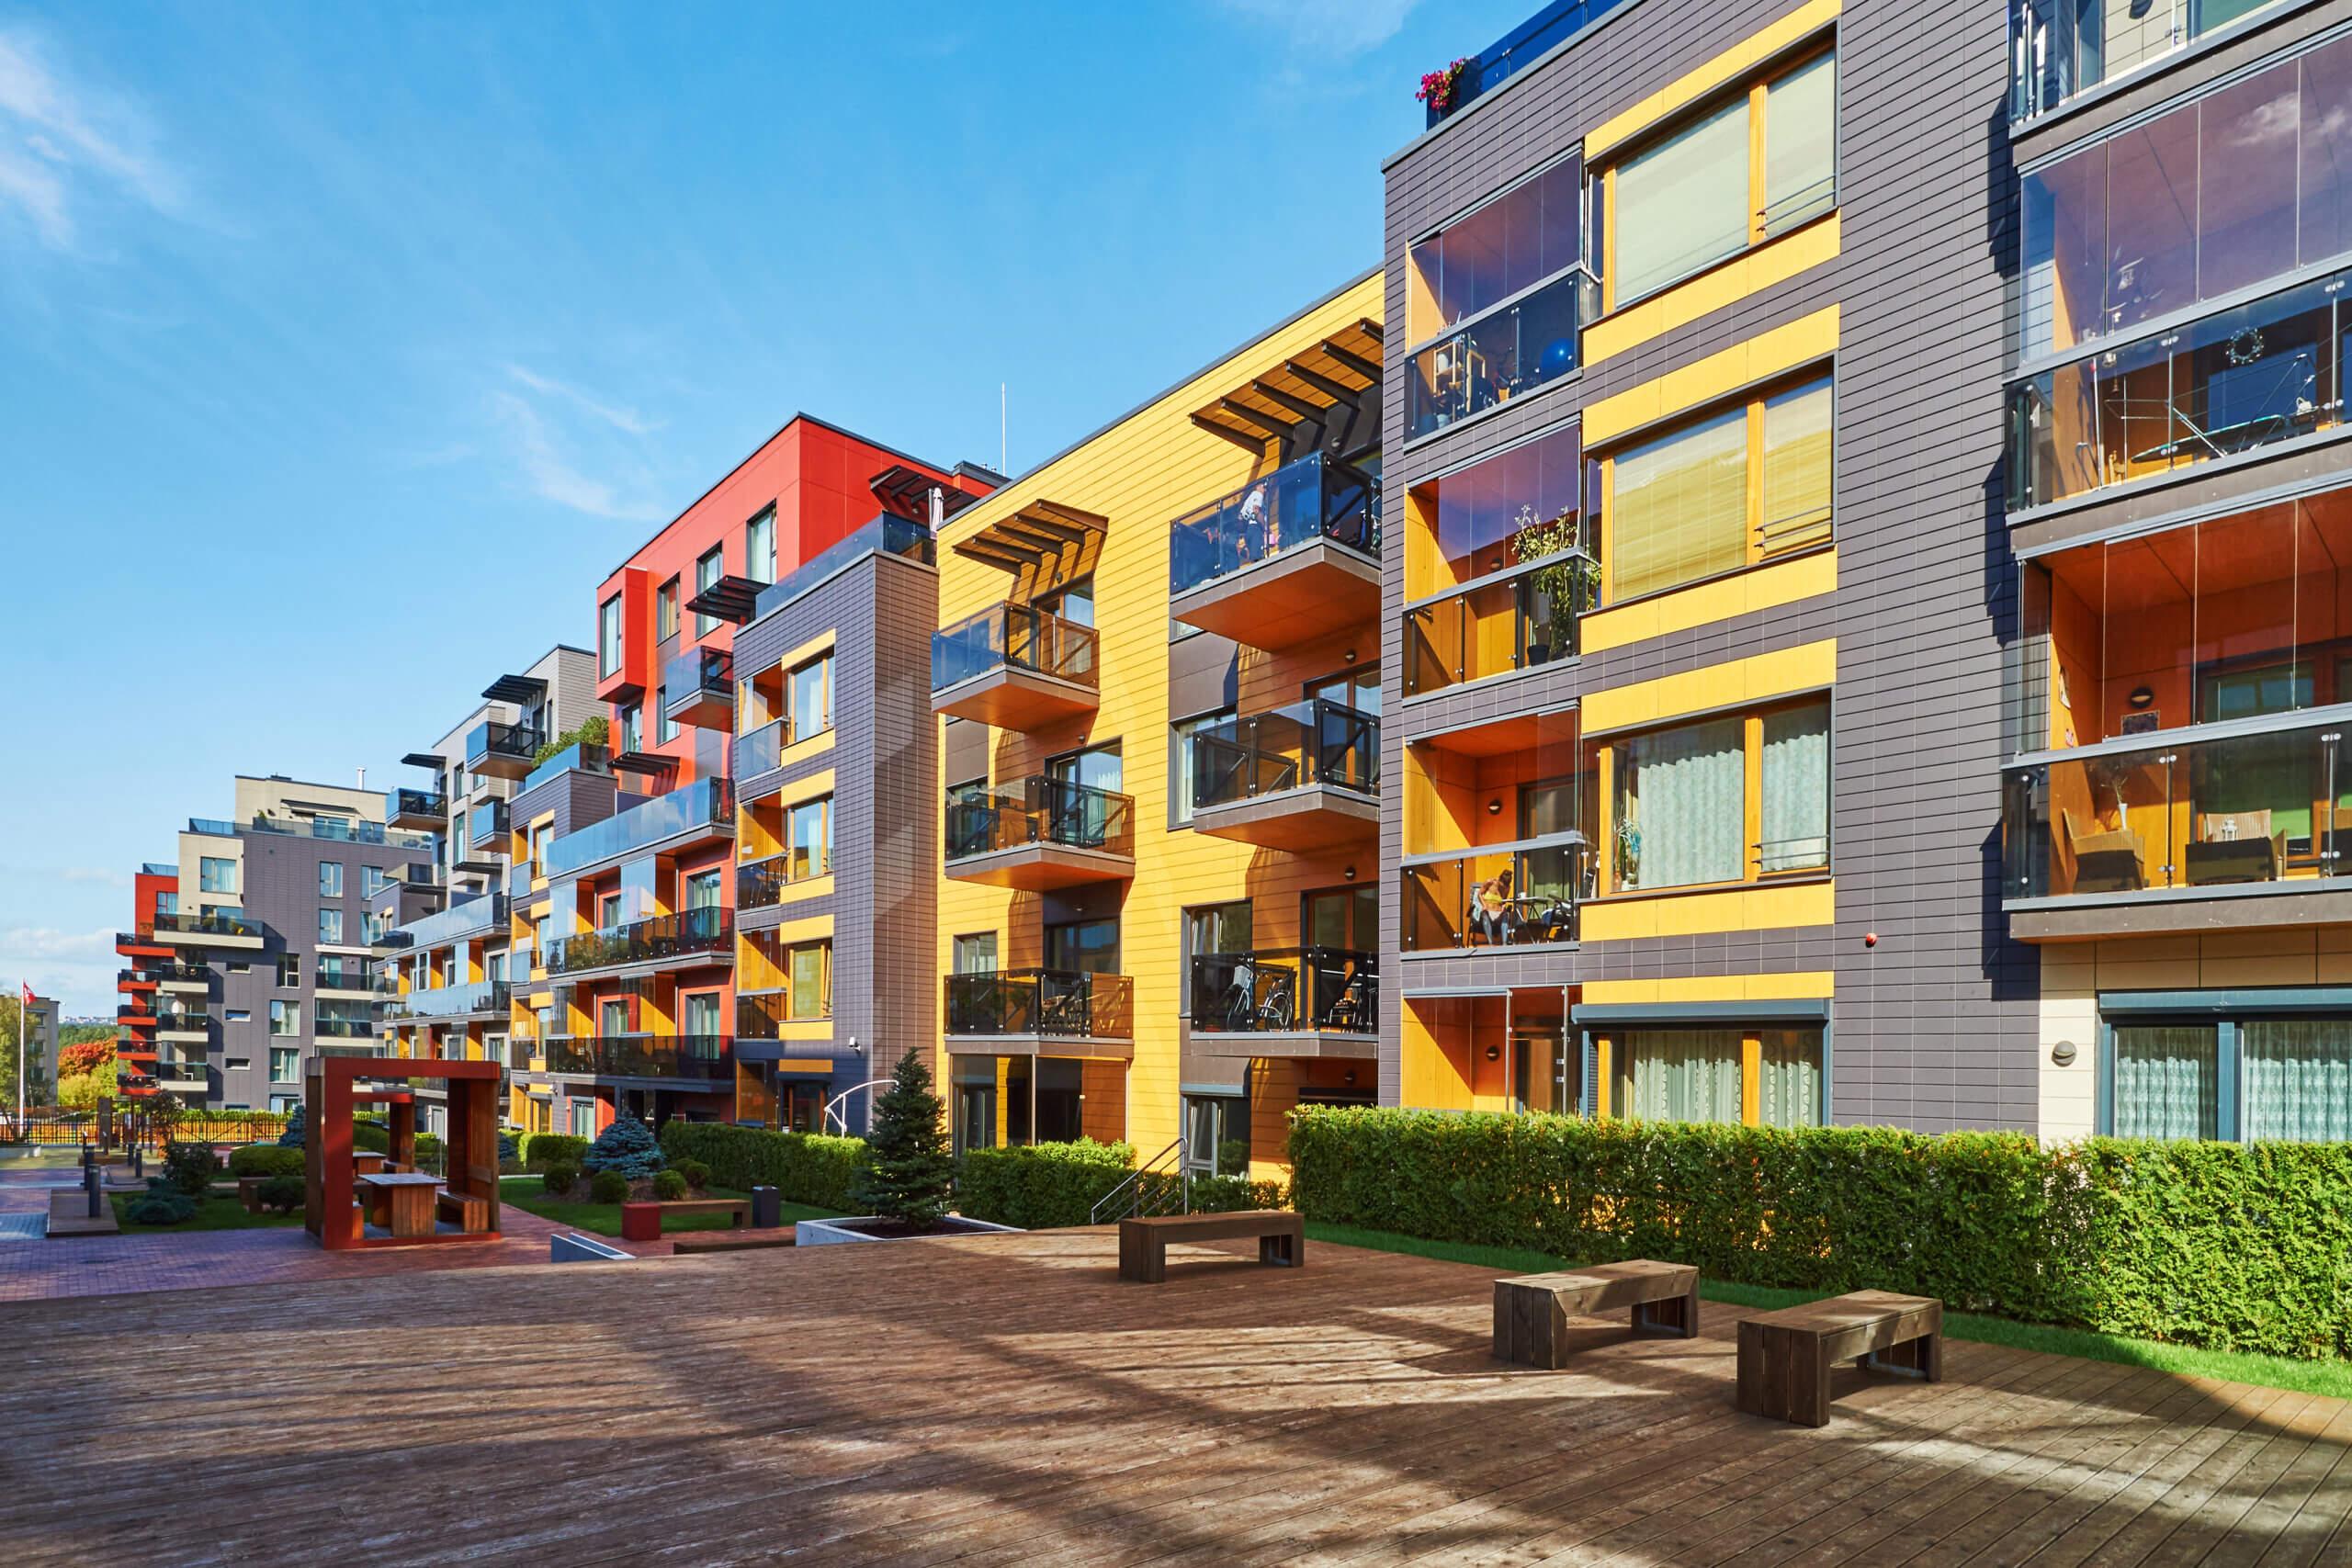 Kiváló elhelyezkedésű modern lakások első otthonukat keresők számára